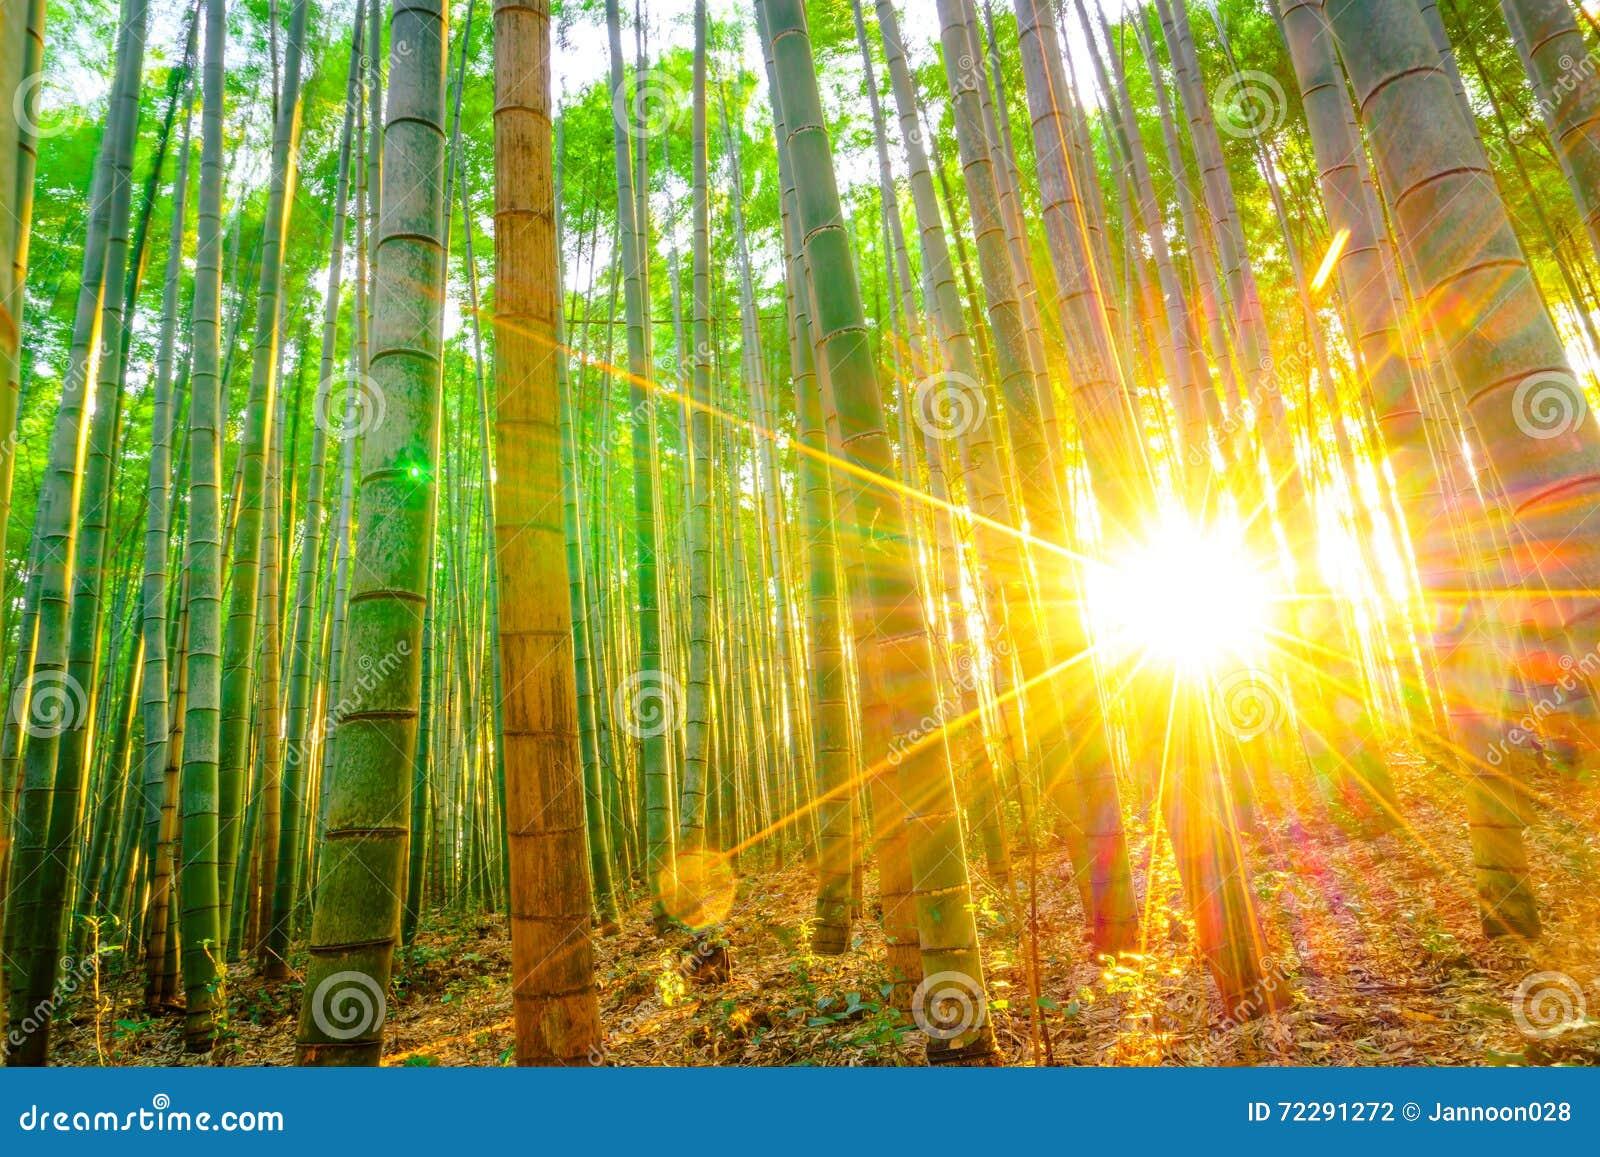 Download Бамбуковый лес с солнечным в утре Стоковое Фото - изображение насчитывающей японско, украшение: 72291272